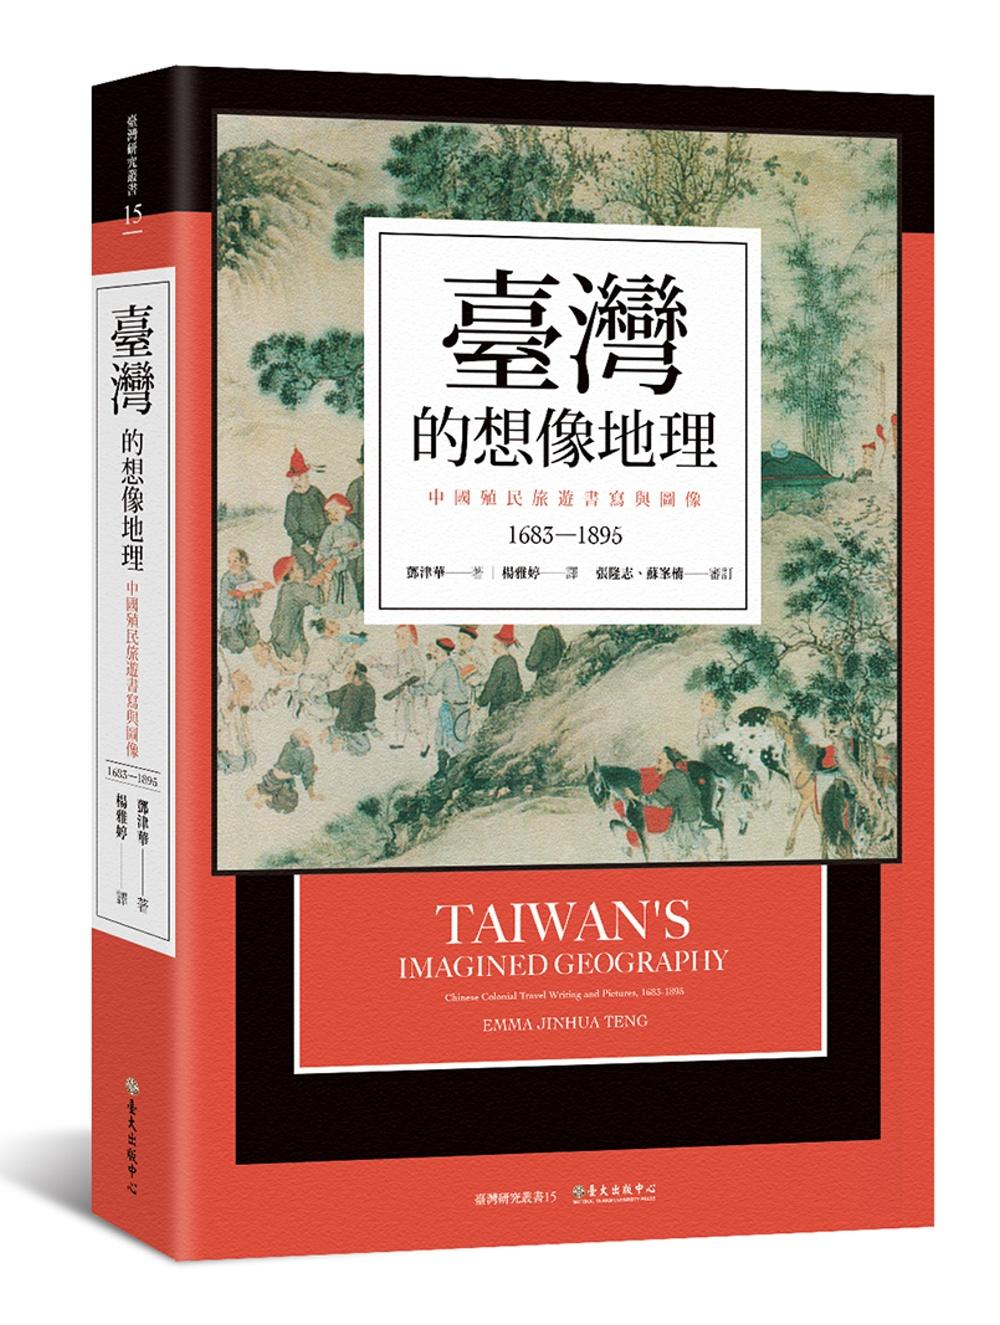 ◤博客來BOOKS◢ 暢銷書榜《推薦》臺灣的想像地理:中國殖民旅遊書寫與圖像(1683-1895)